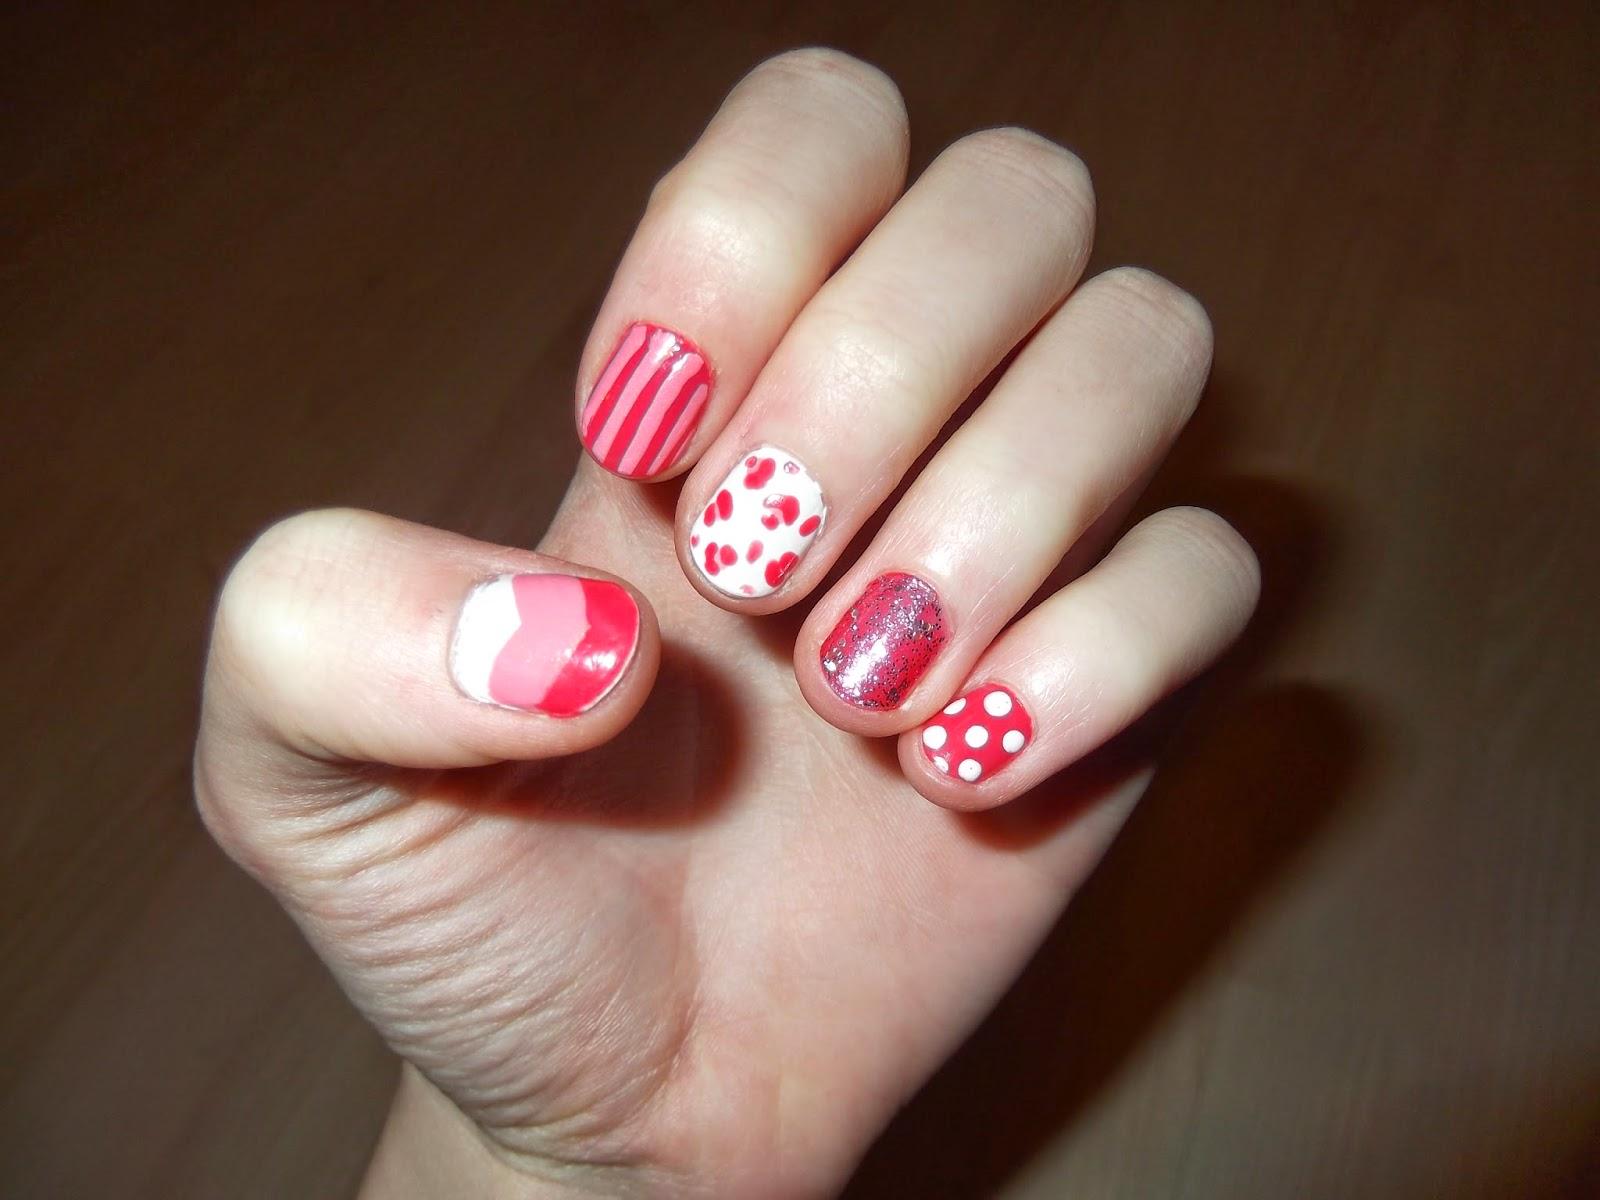 1e1f34b9635d Én azt a gyűrűs ujjamon lévő lakkot nagyon nagyon megimádtam, tipikusan az  a lány vagyok, aki mindent imád ami: rózsaszín és csillog (és masni).